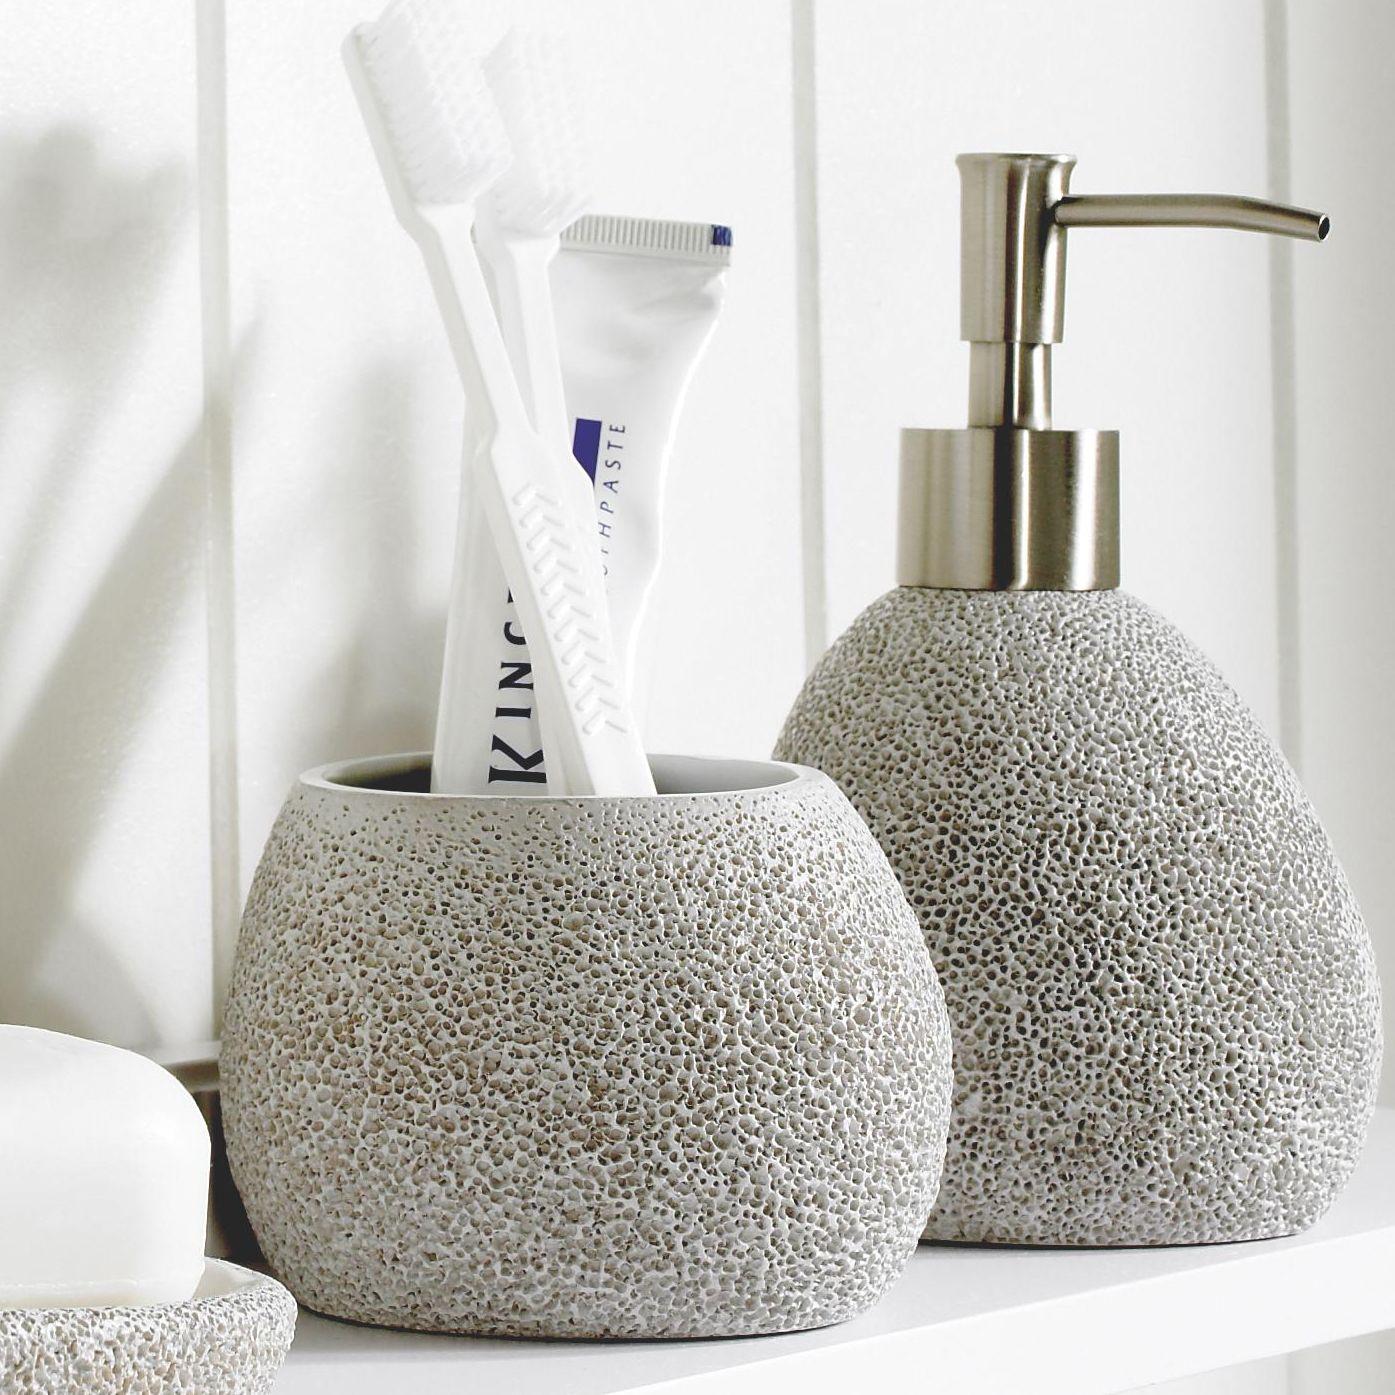 Bathroom Accessories Diy bathroom accessories | bathroom fittings & fixtures | diy at b&q